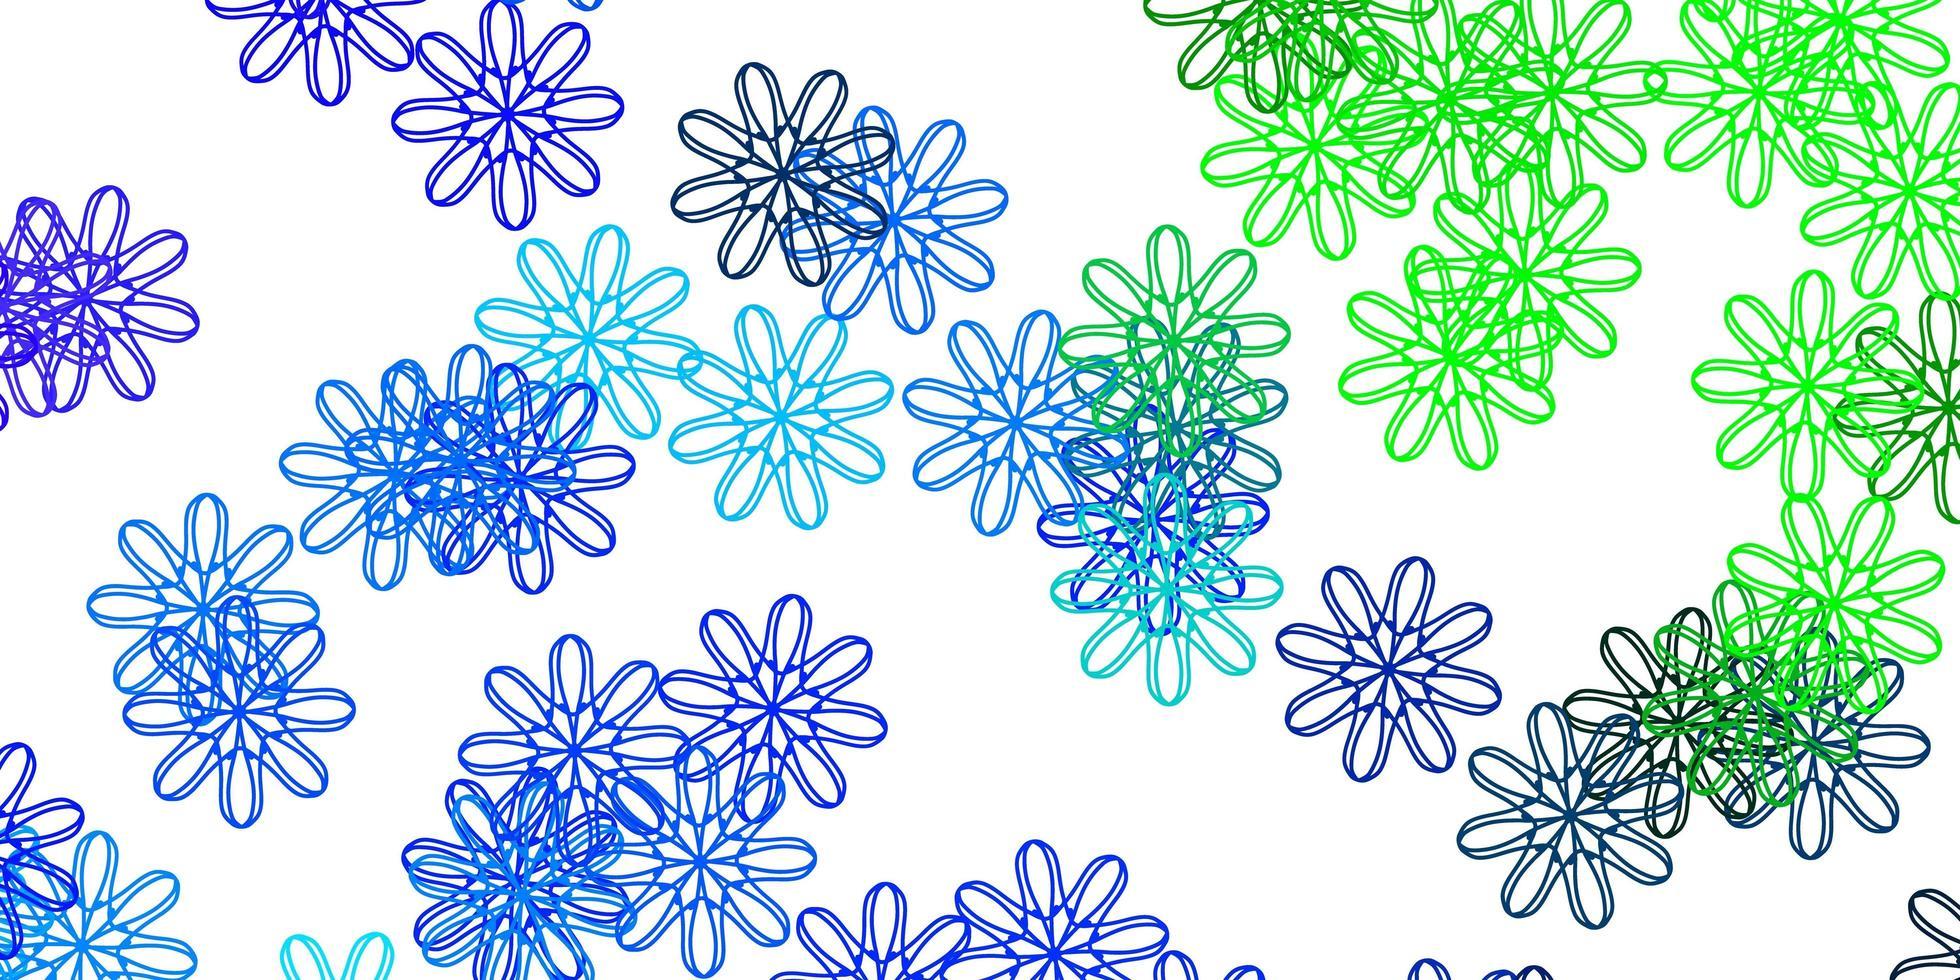 ljusblå, grön vektor naturlig layout med blommor.